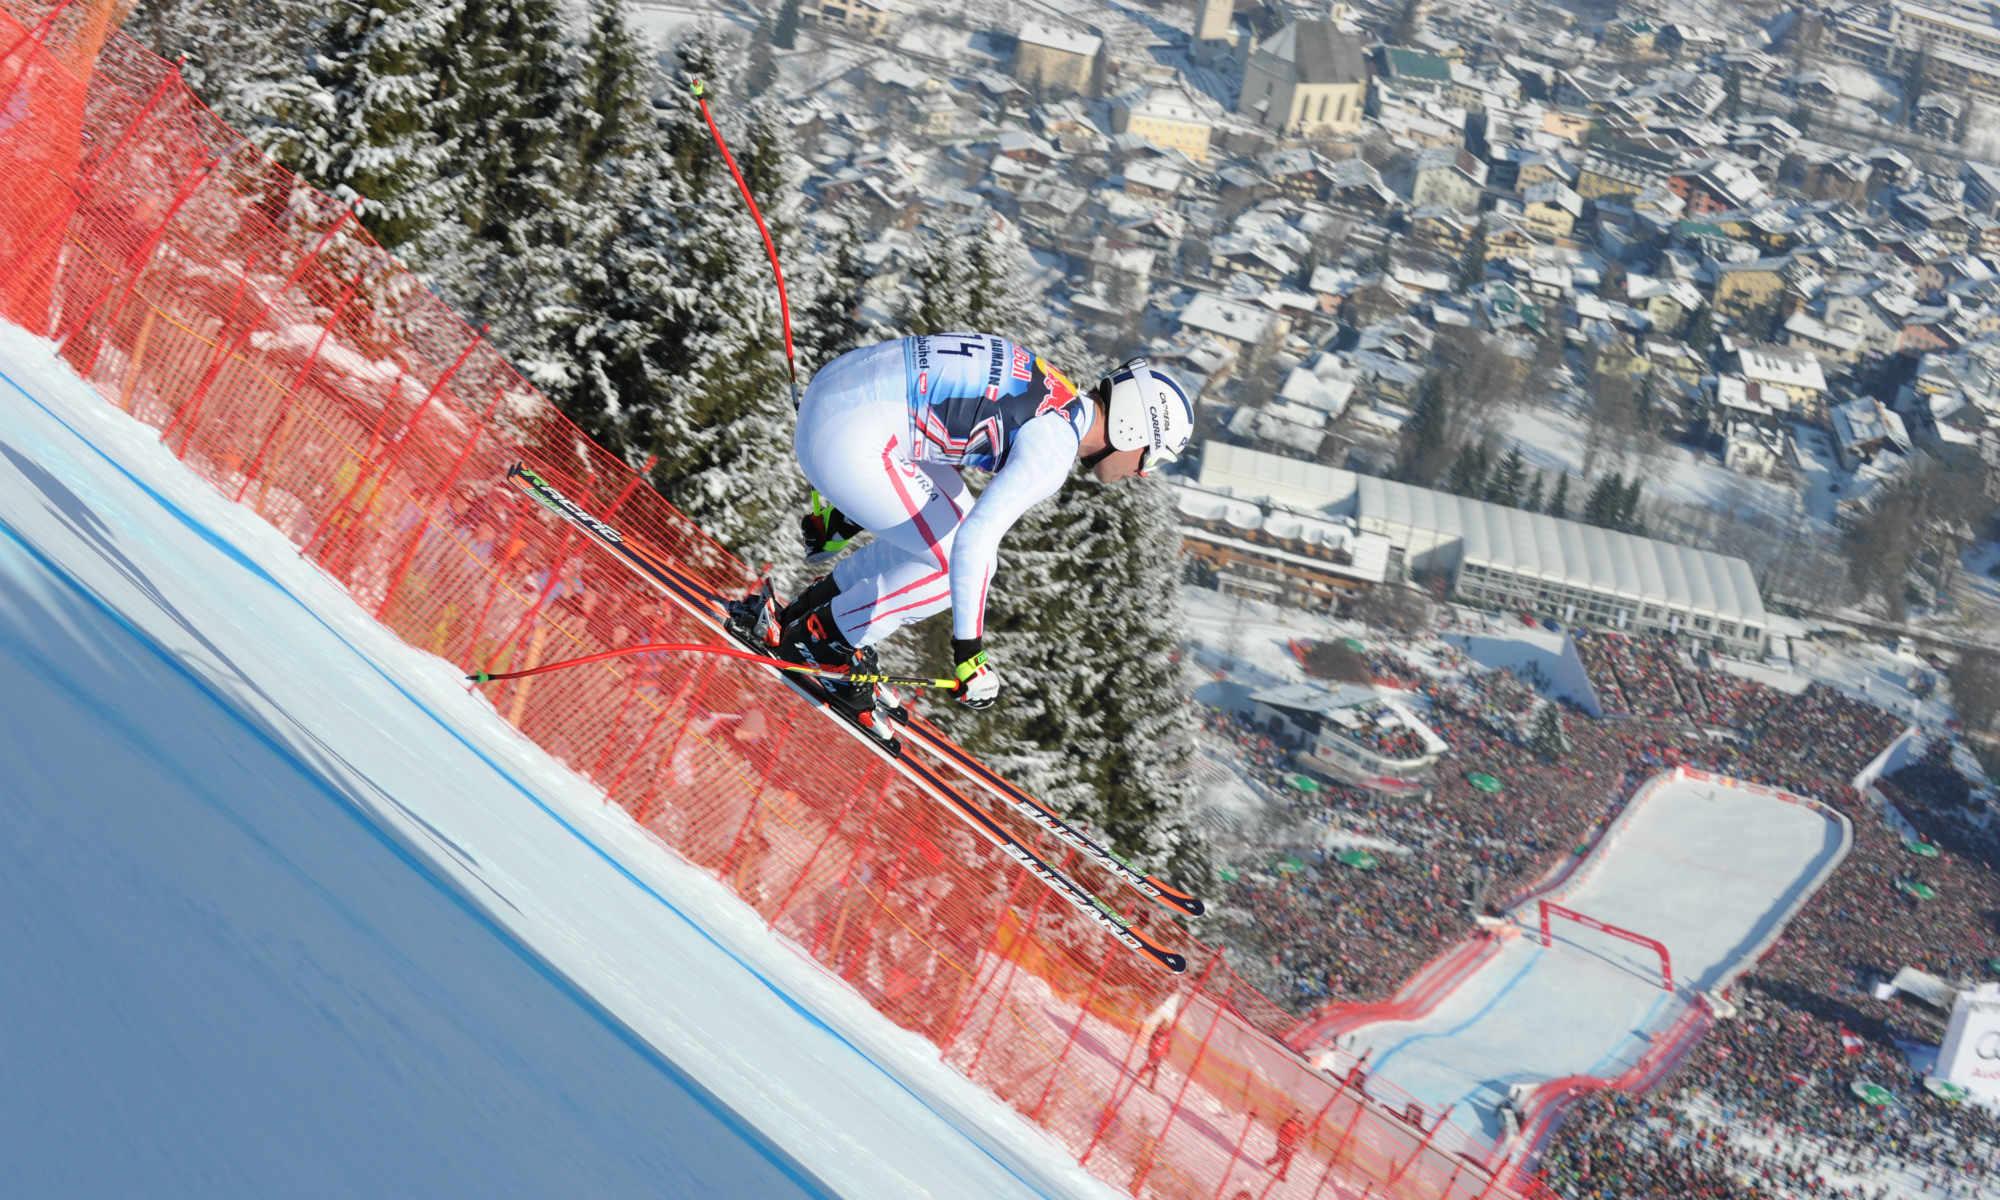 Ein Skirennläufer beim Weltcup Rennen auf der Streif.